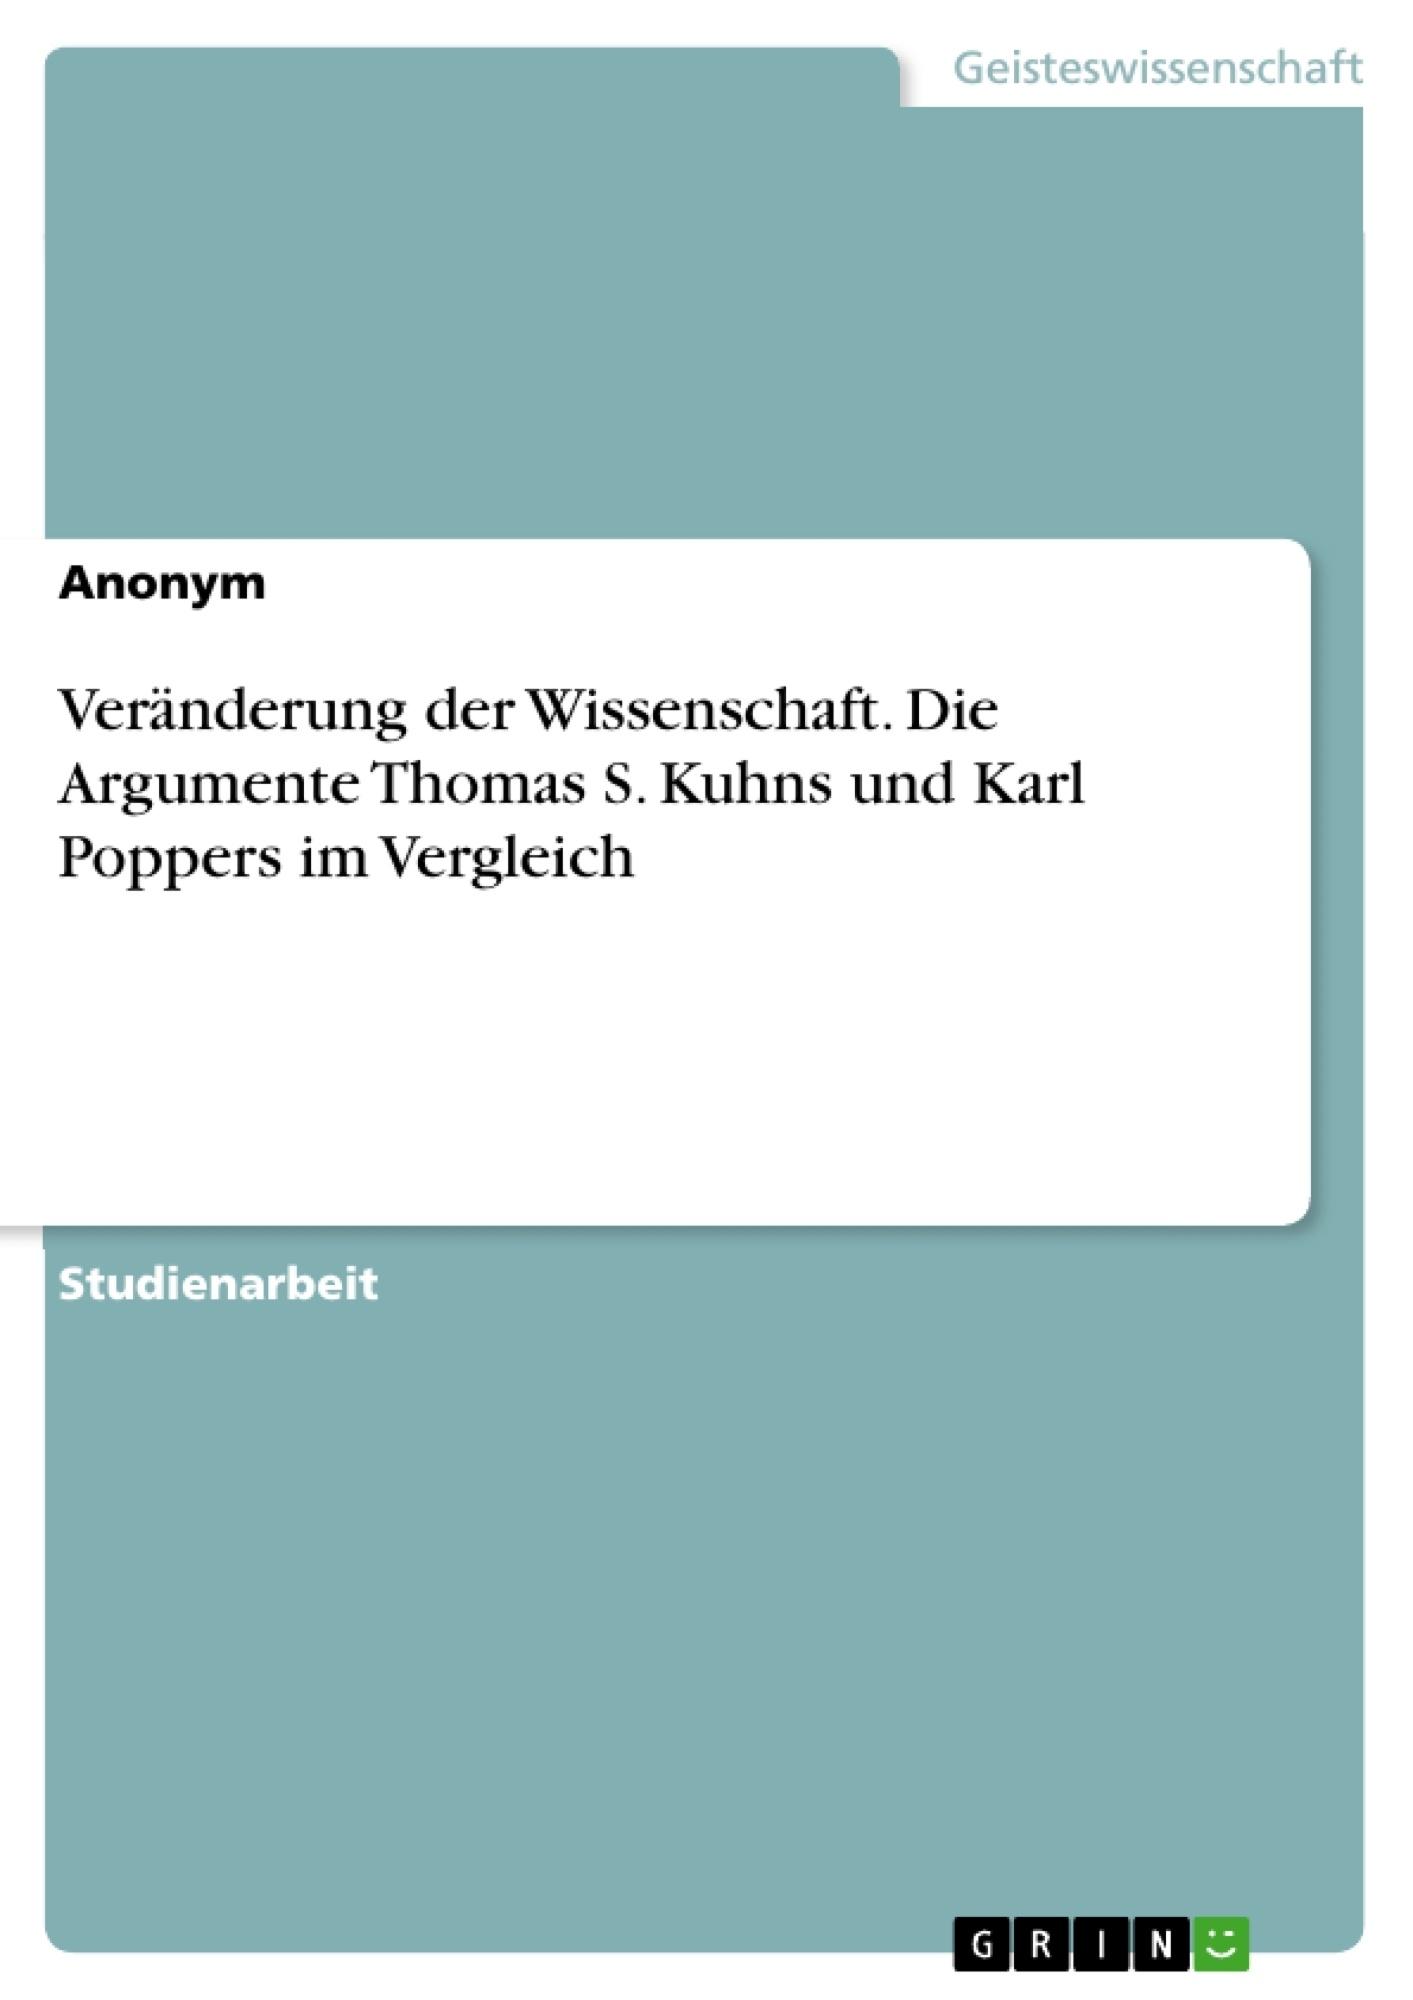 Titel: Veränderung der Wissenschaft. Die Argumente Thomas S. Kuhns und Karl Poppers im Vergleich